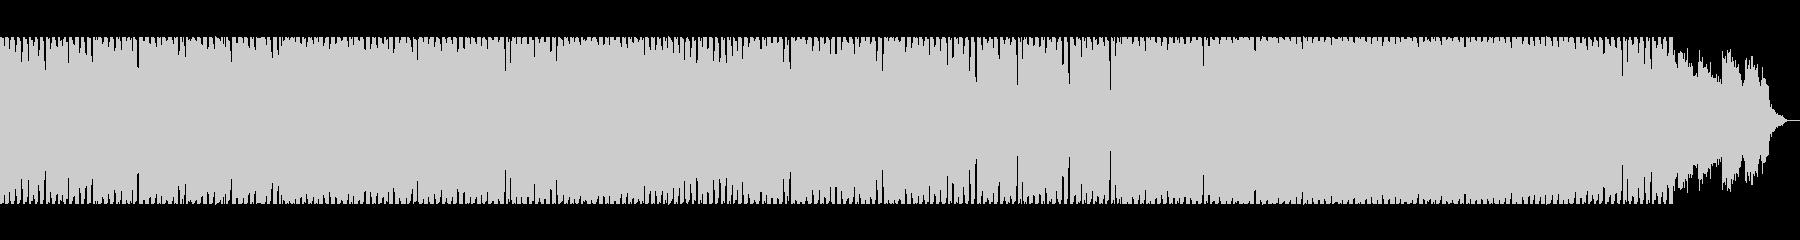 壮大なメロディのロックテイストインストの未再生の波形